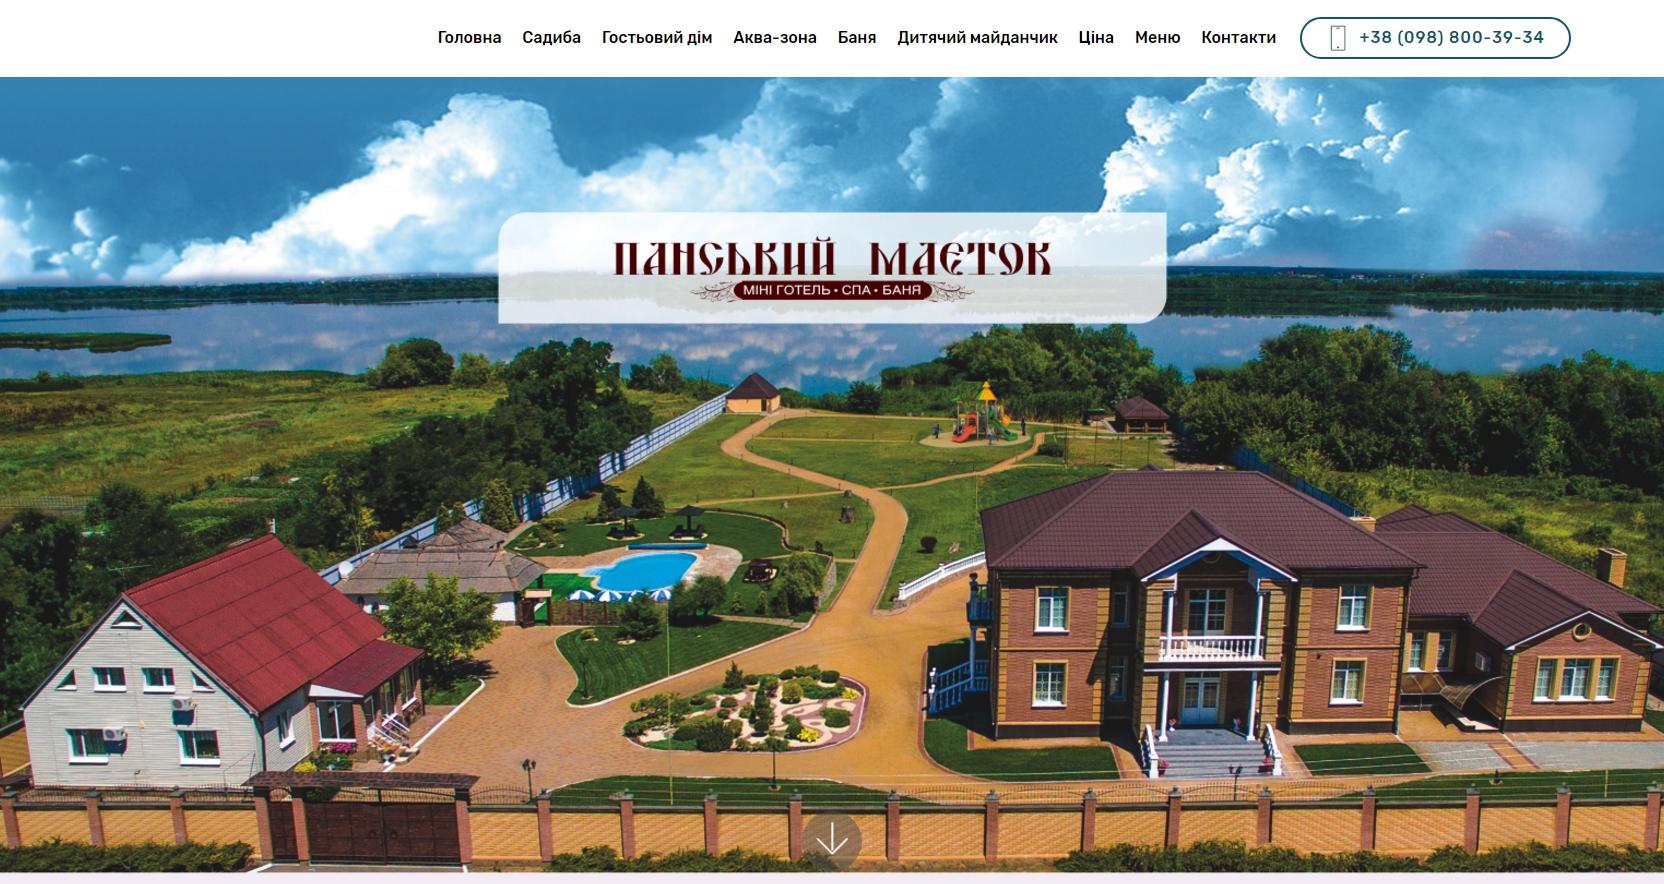 """Фото Отельный комплекс """"Панський маєток"""". 1. Создание сайта 2. Фото 3. Аэросъемка"""